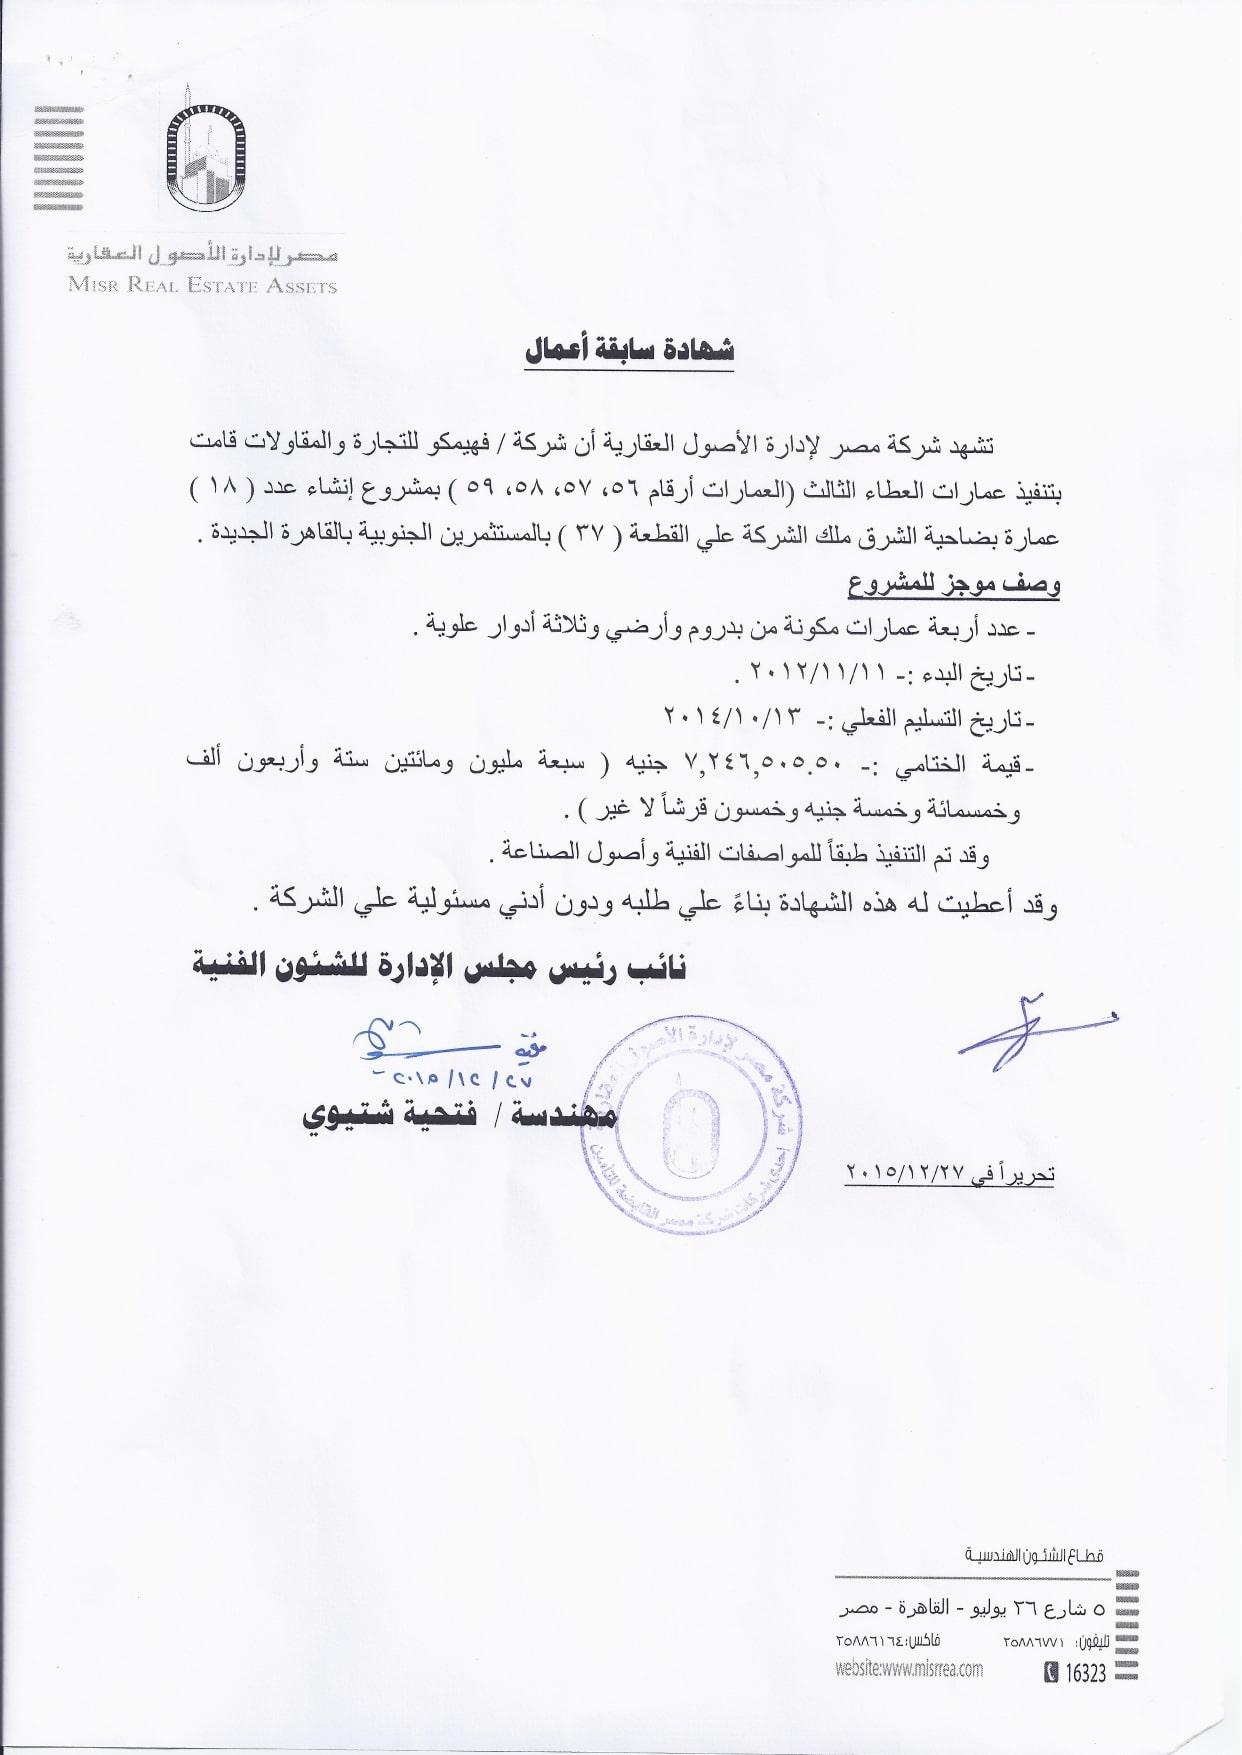 مصر لادارة الاصول العقارية العطء الثالث_page-0001